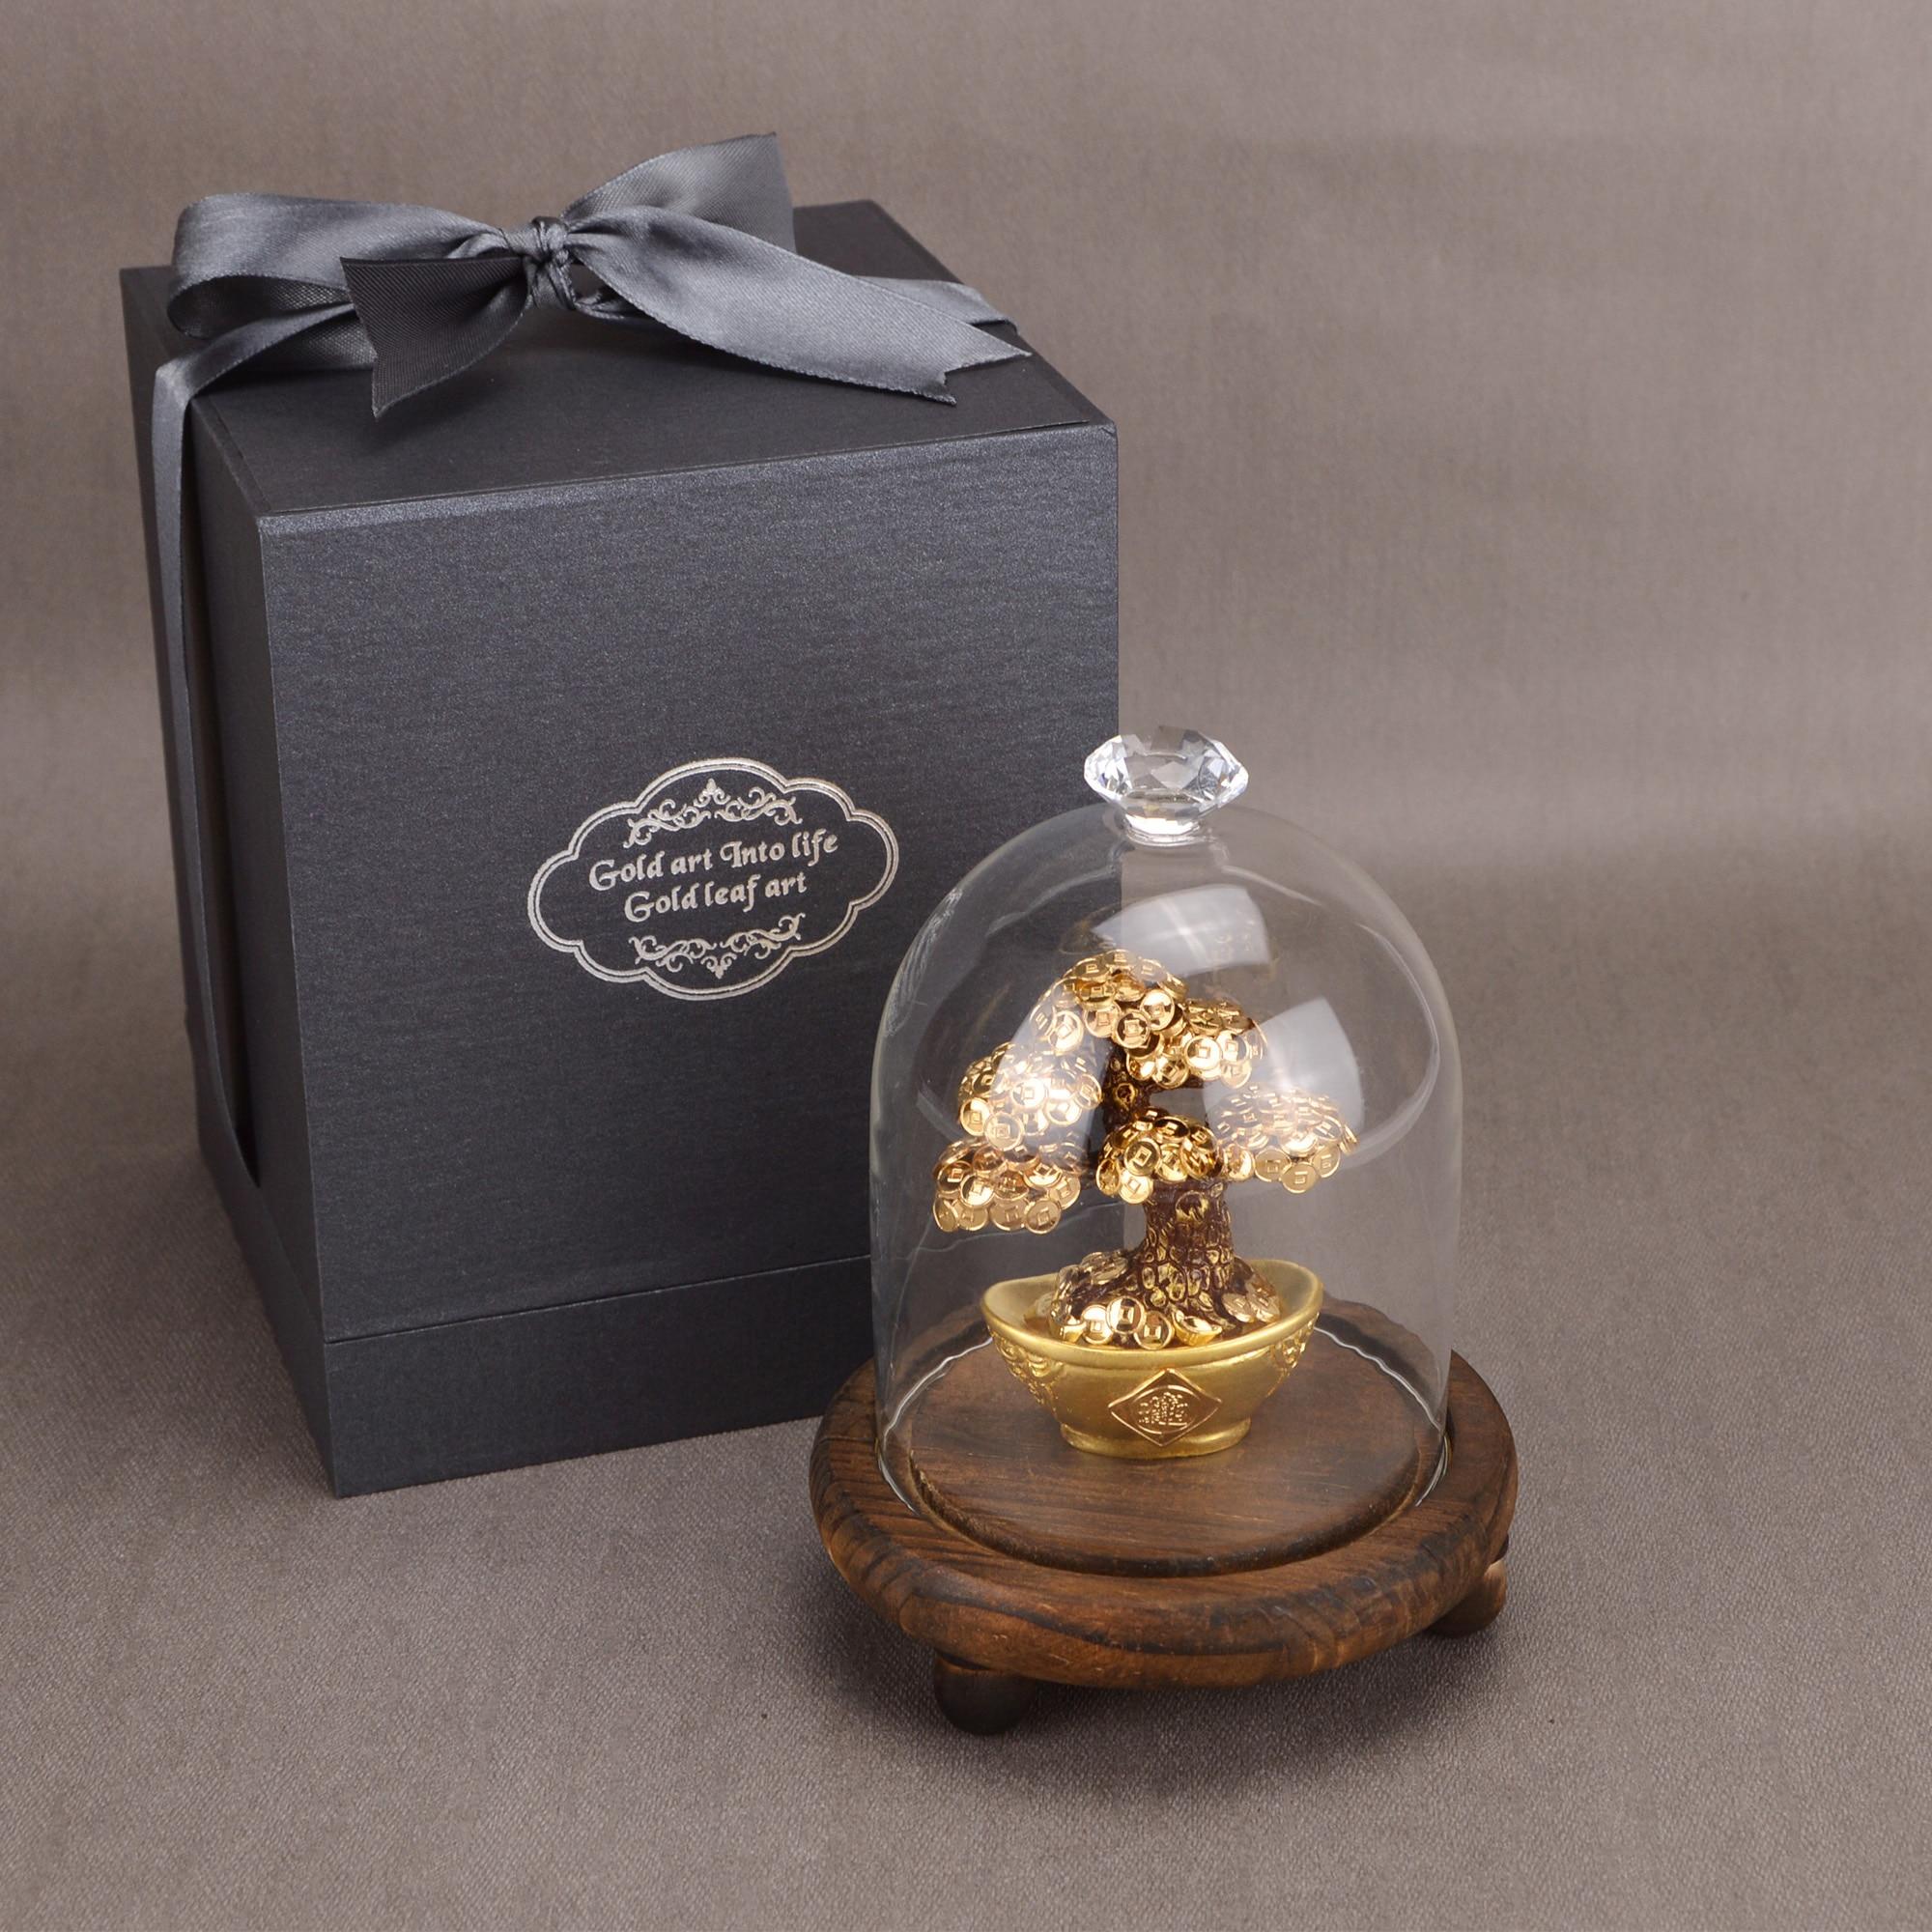 Feng Shui Fortune arbre feuille d'or argent arbre bonsaï bureau table chanceux richesse ornements cadeaux décoration de la maison avec boîte de cadeaux - 4